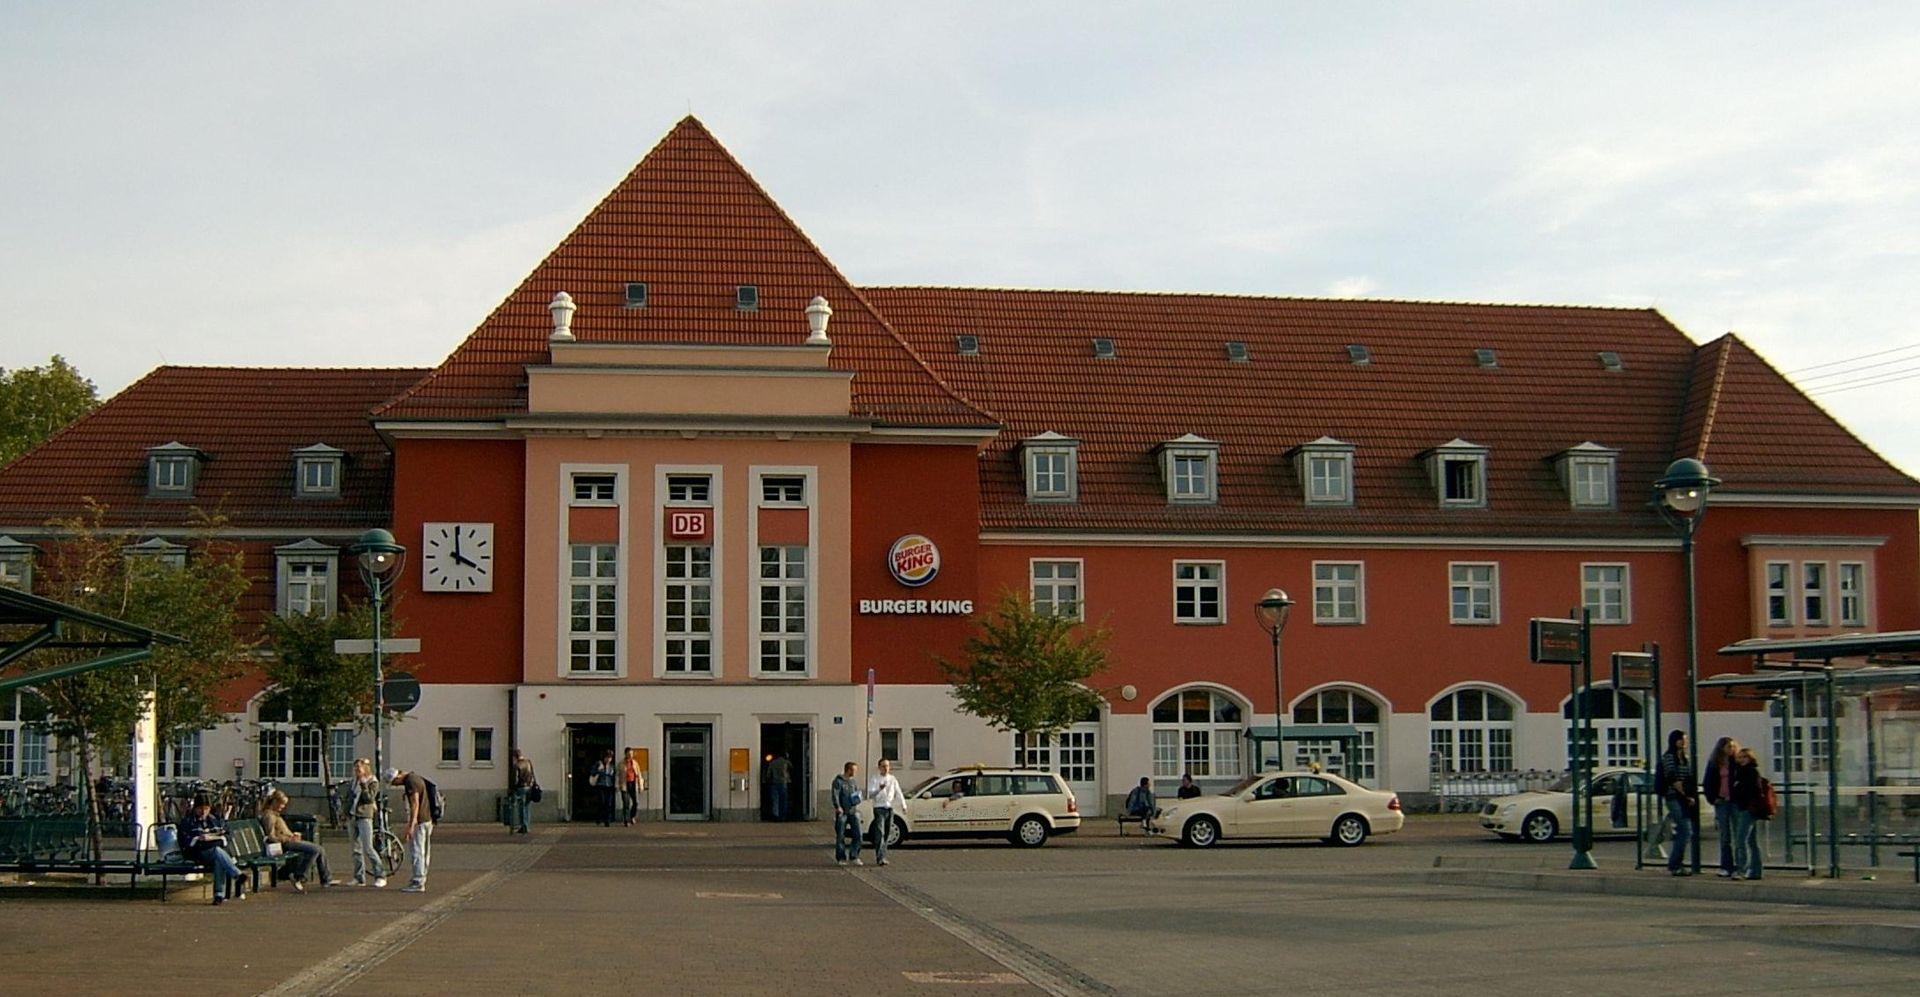 Bahnhof Frankfurt/Oder (Foto: Sicherlich, CC BY 3.0)